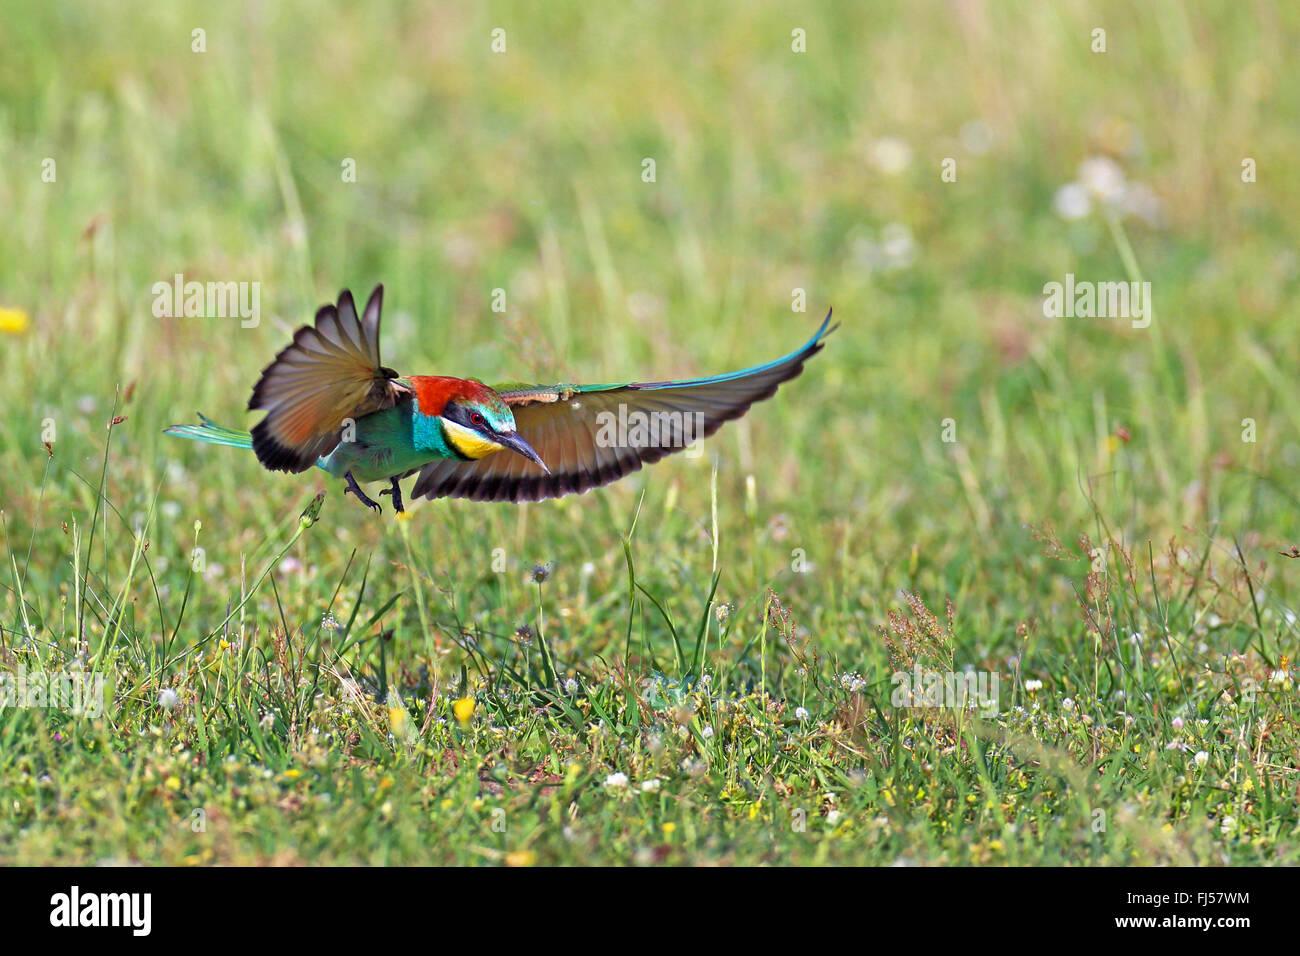 European bee eater (Merops apiaster), flying, landing on grass, Greece, Evrosdelta - Stock Image